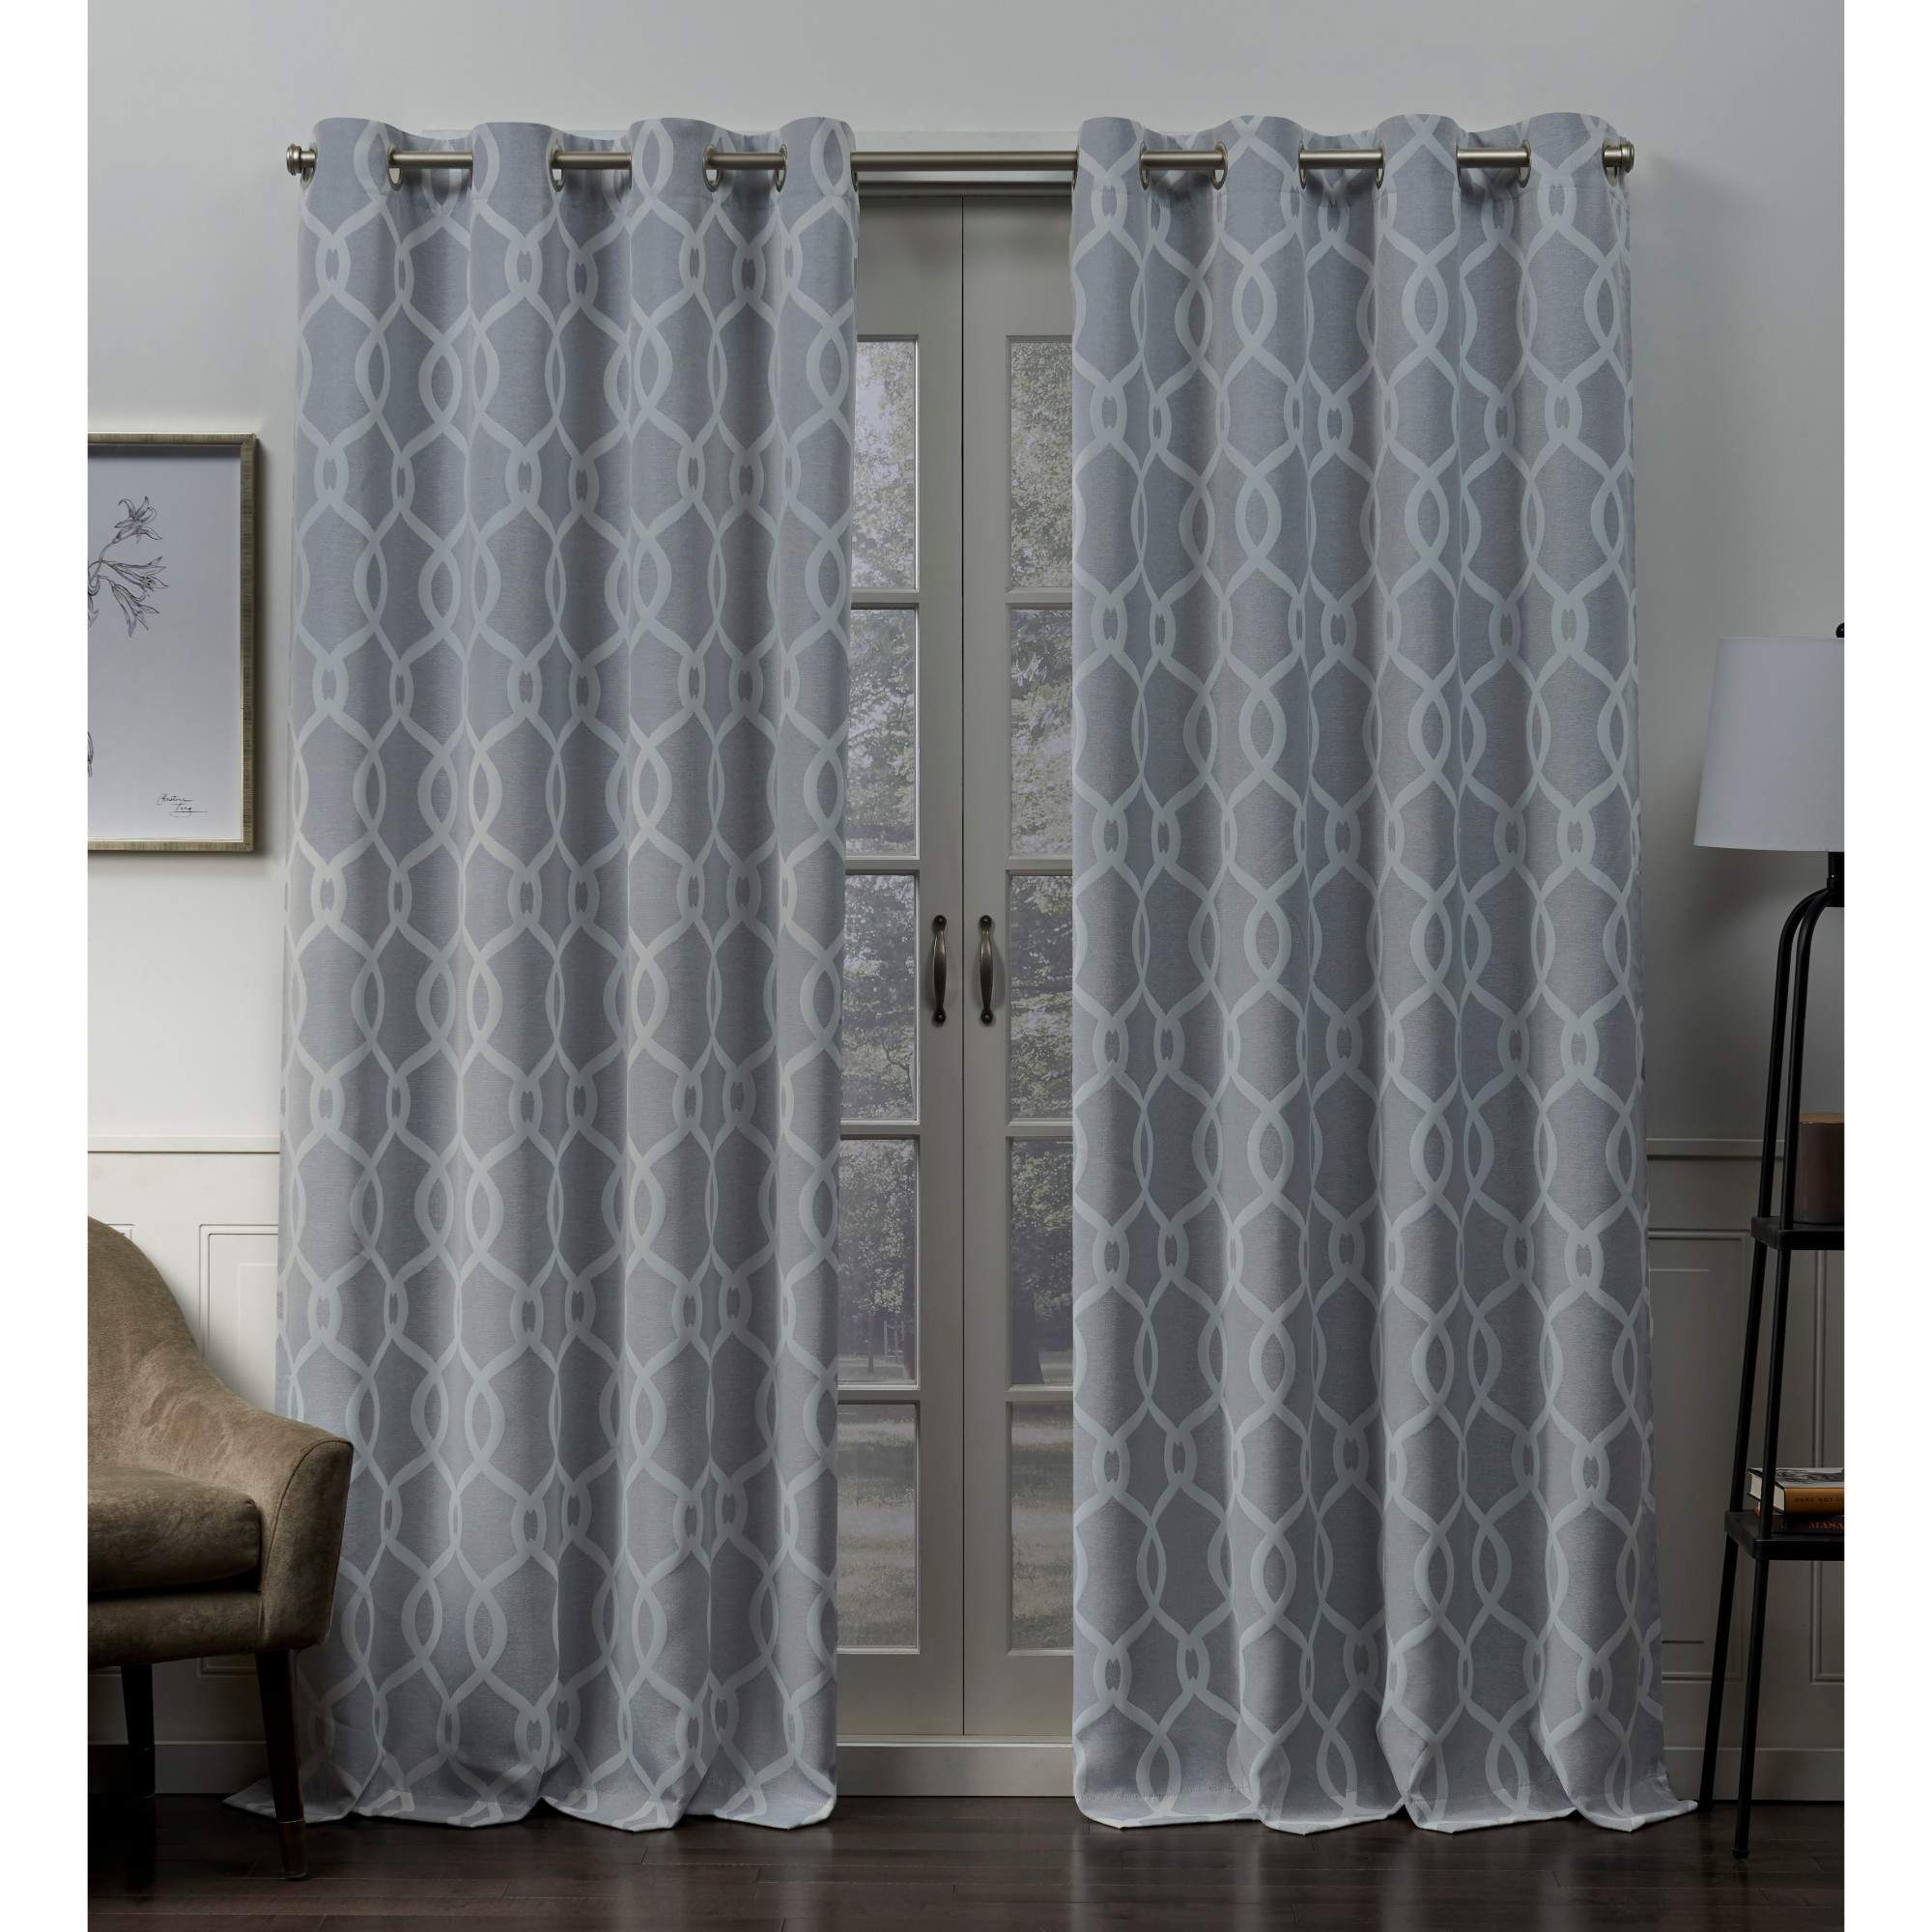 Exclusive Home Trilogi Woven Blackout Grommet Top Curtain Panel Pair